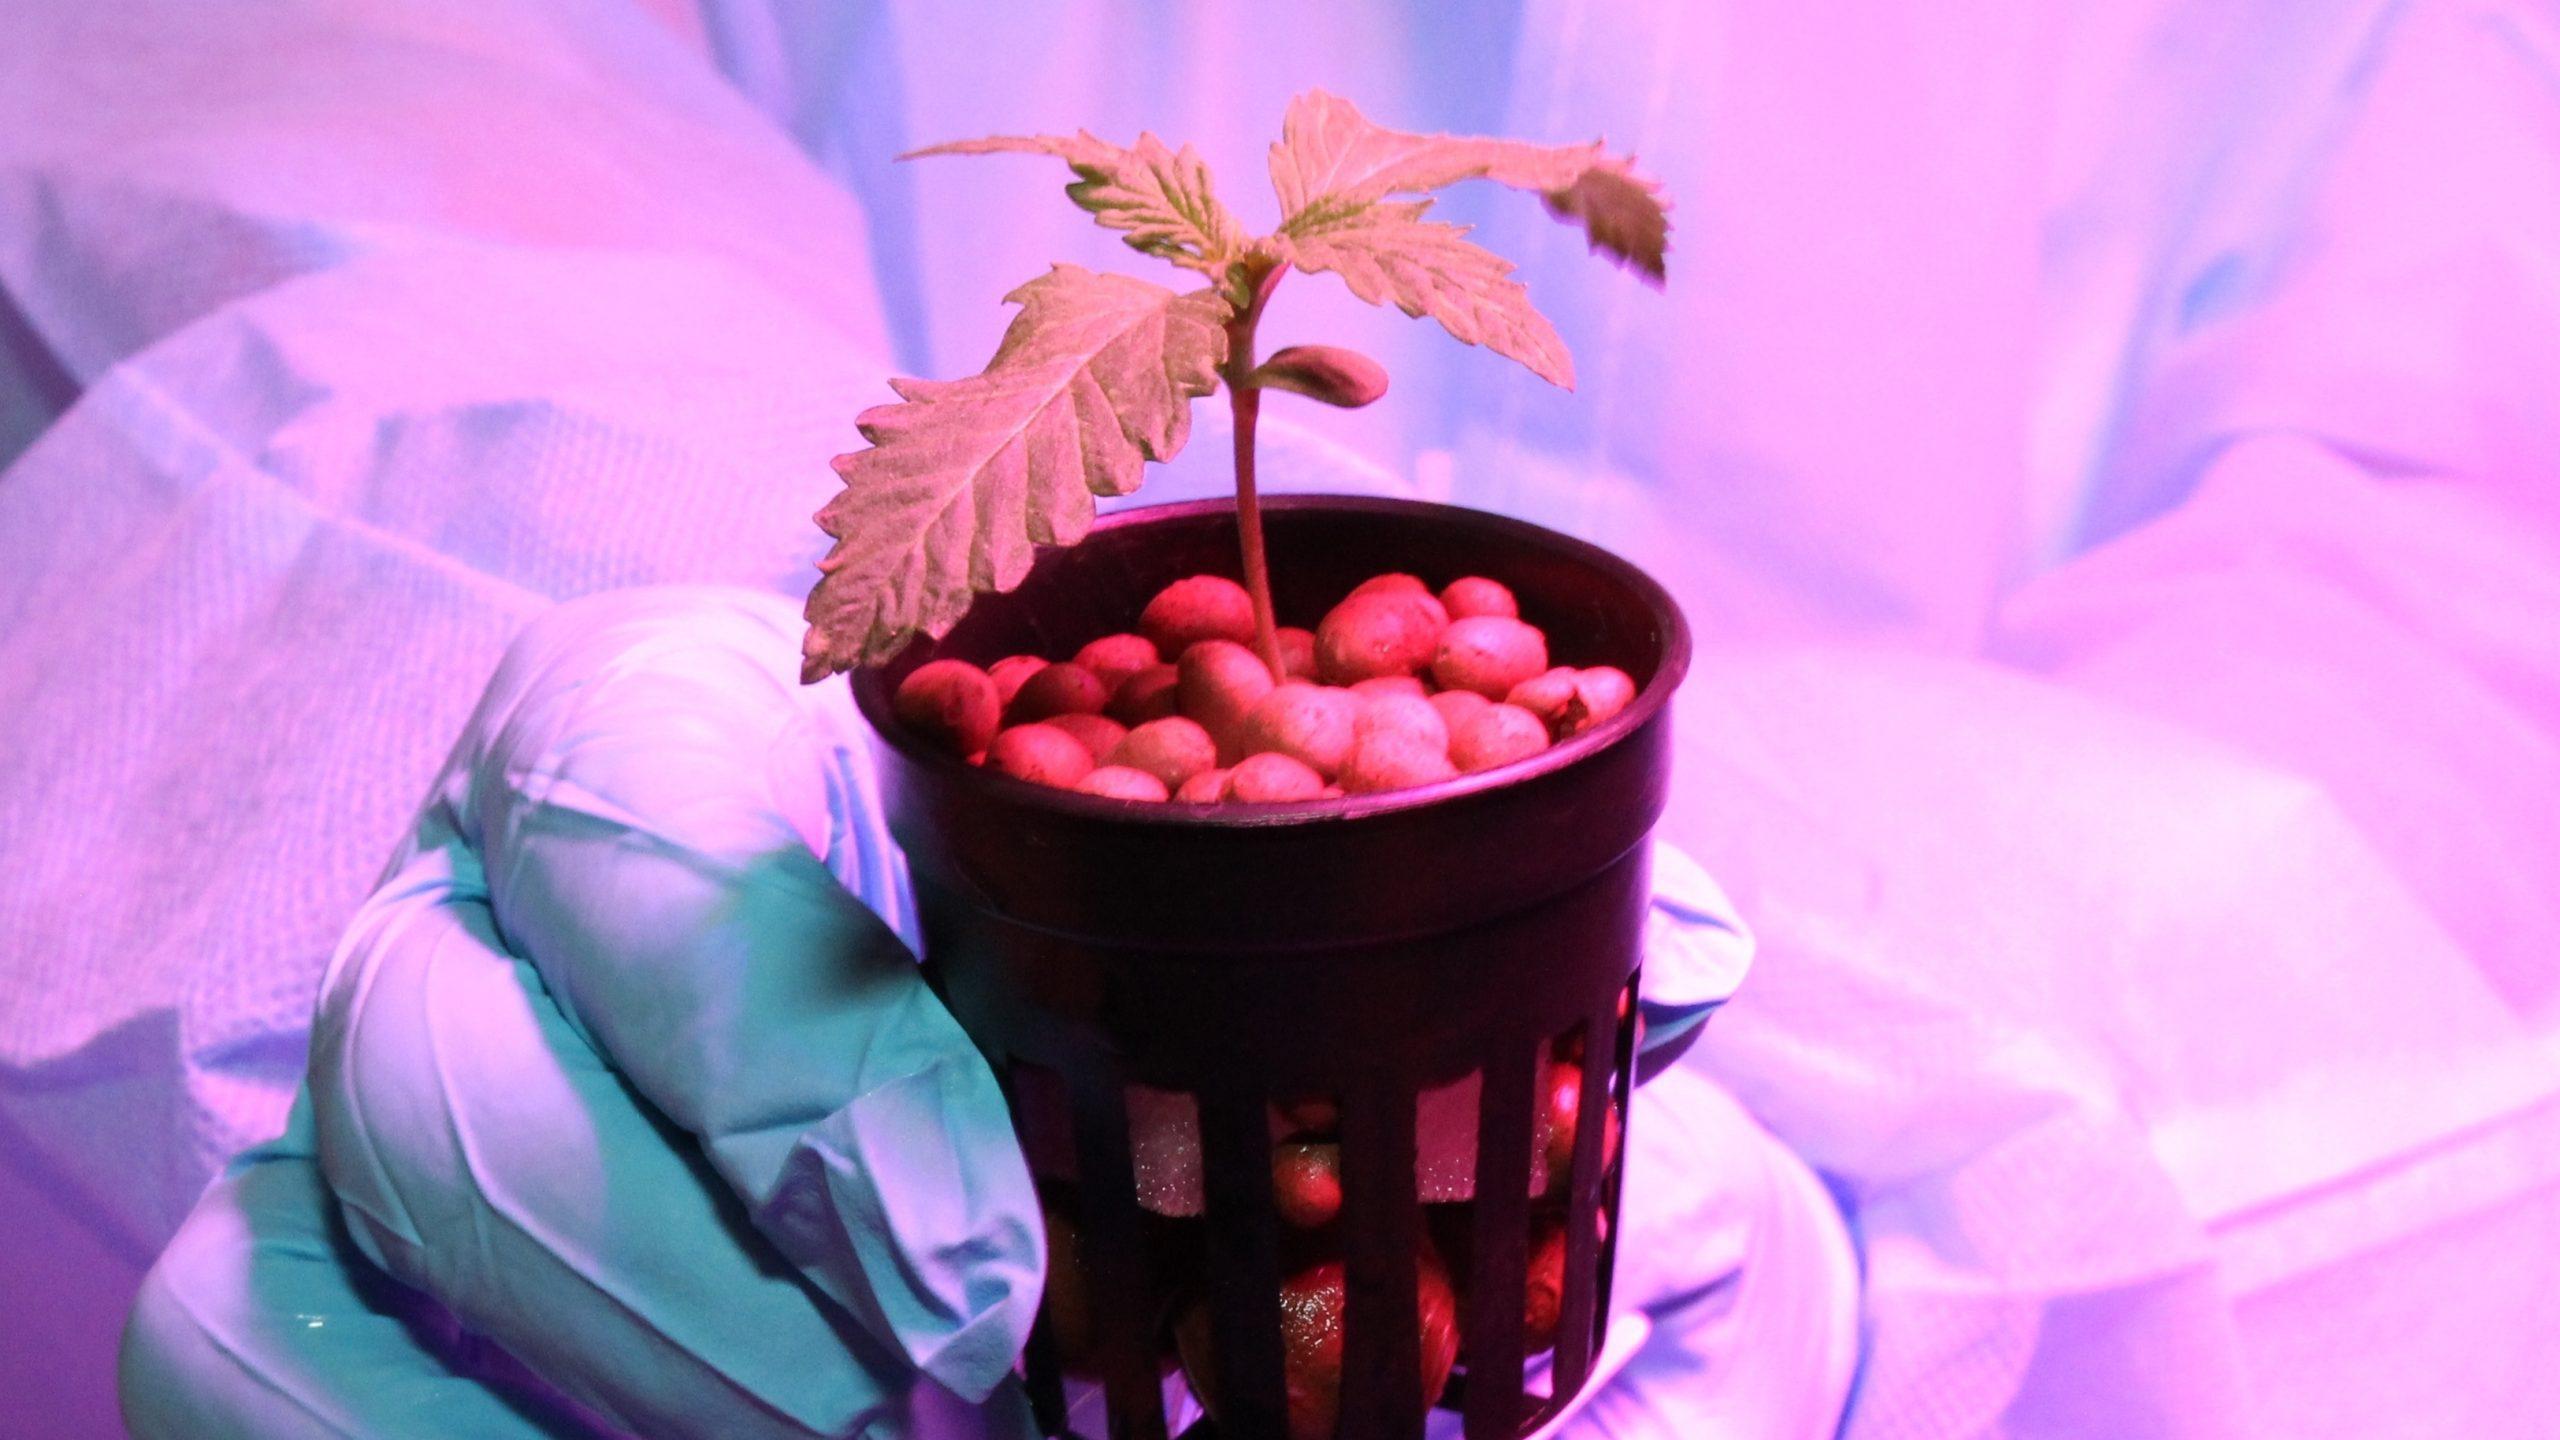 คกก.ยาเสพติด เห็นชอบ โมเดลปลูกกัญชา 6 ต้น นำร่อง จ.บุรีรัมย์